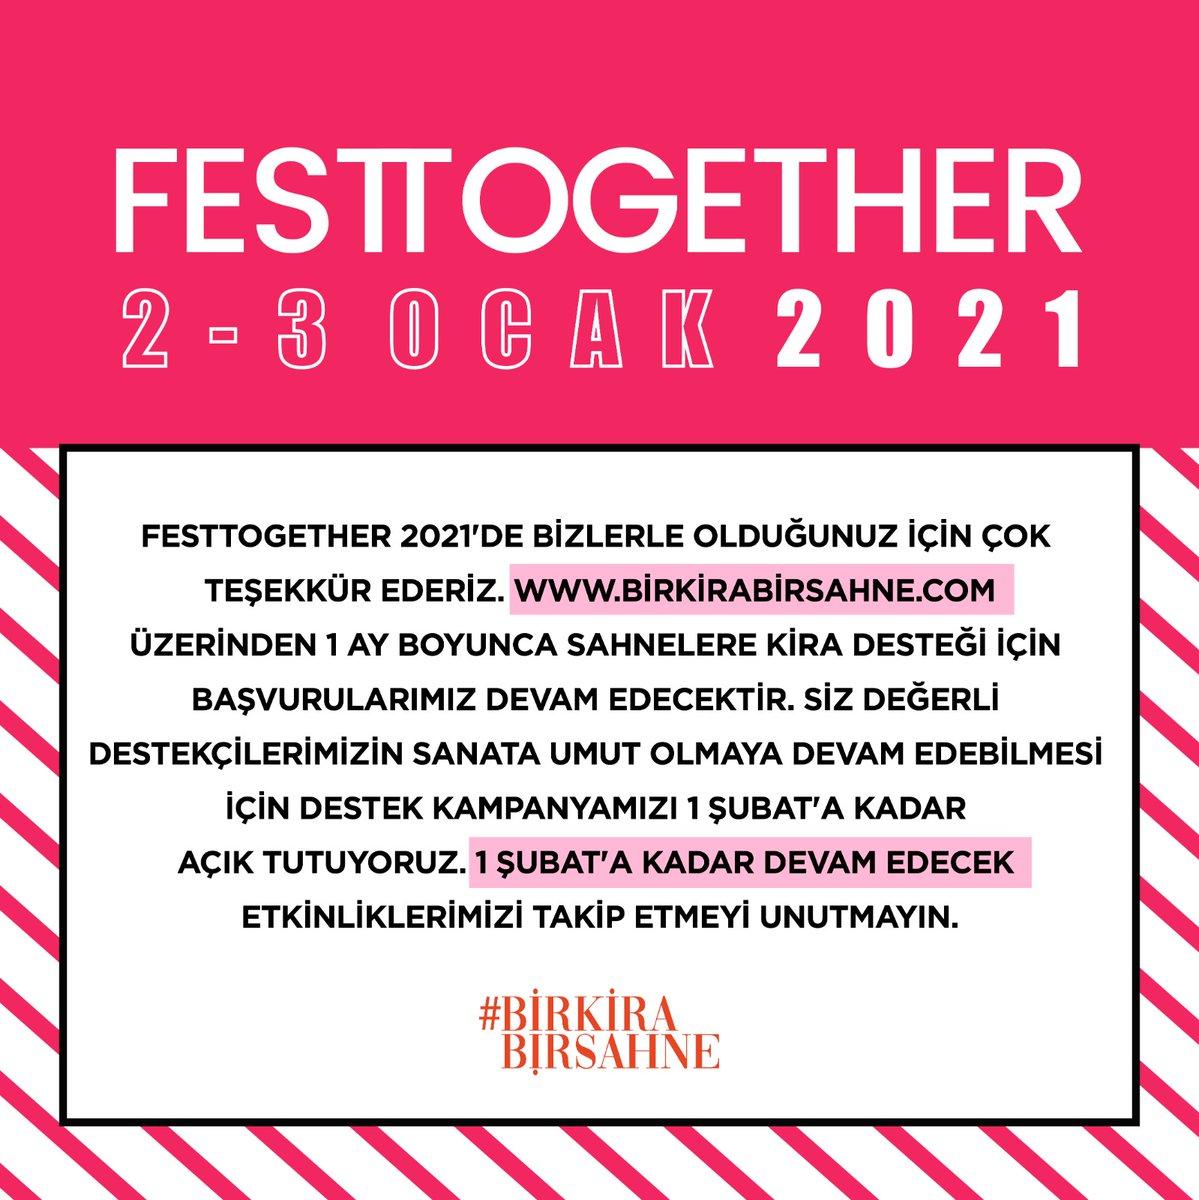 #Festtogether 2021'de bizlerle olduğunuz için teşekkür ederiz. Etkinlik kapsamında bireysel başvurular kapanmıştır ancak sahneler için başvurular ve sanata umut olmak için destekler 1 Şubat 2021 tarihine kadar devam etmektedir. #birkirabirsahne